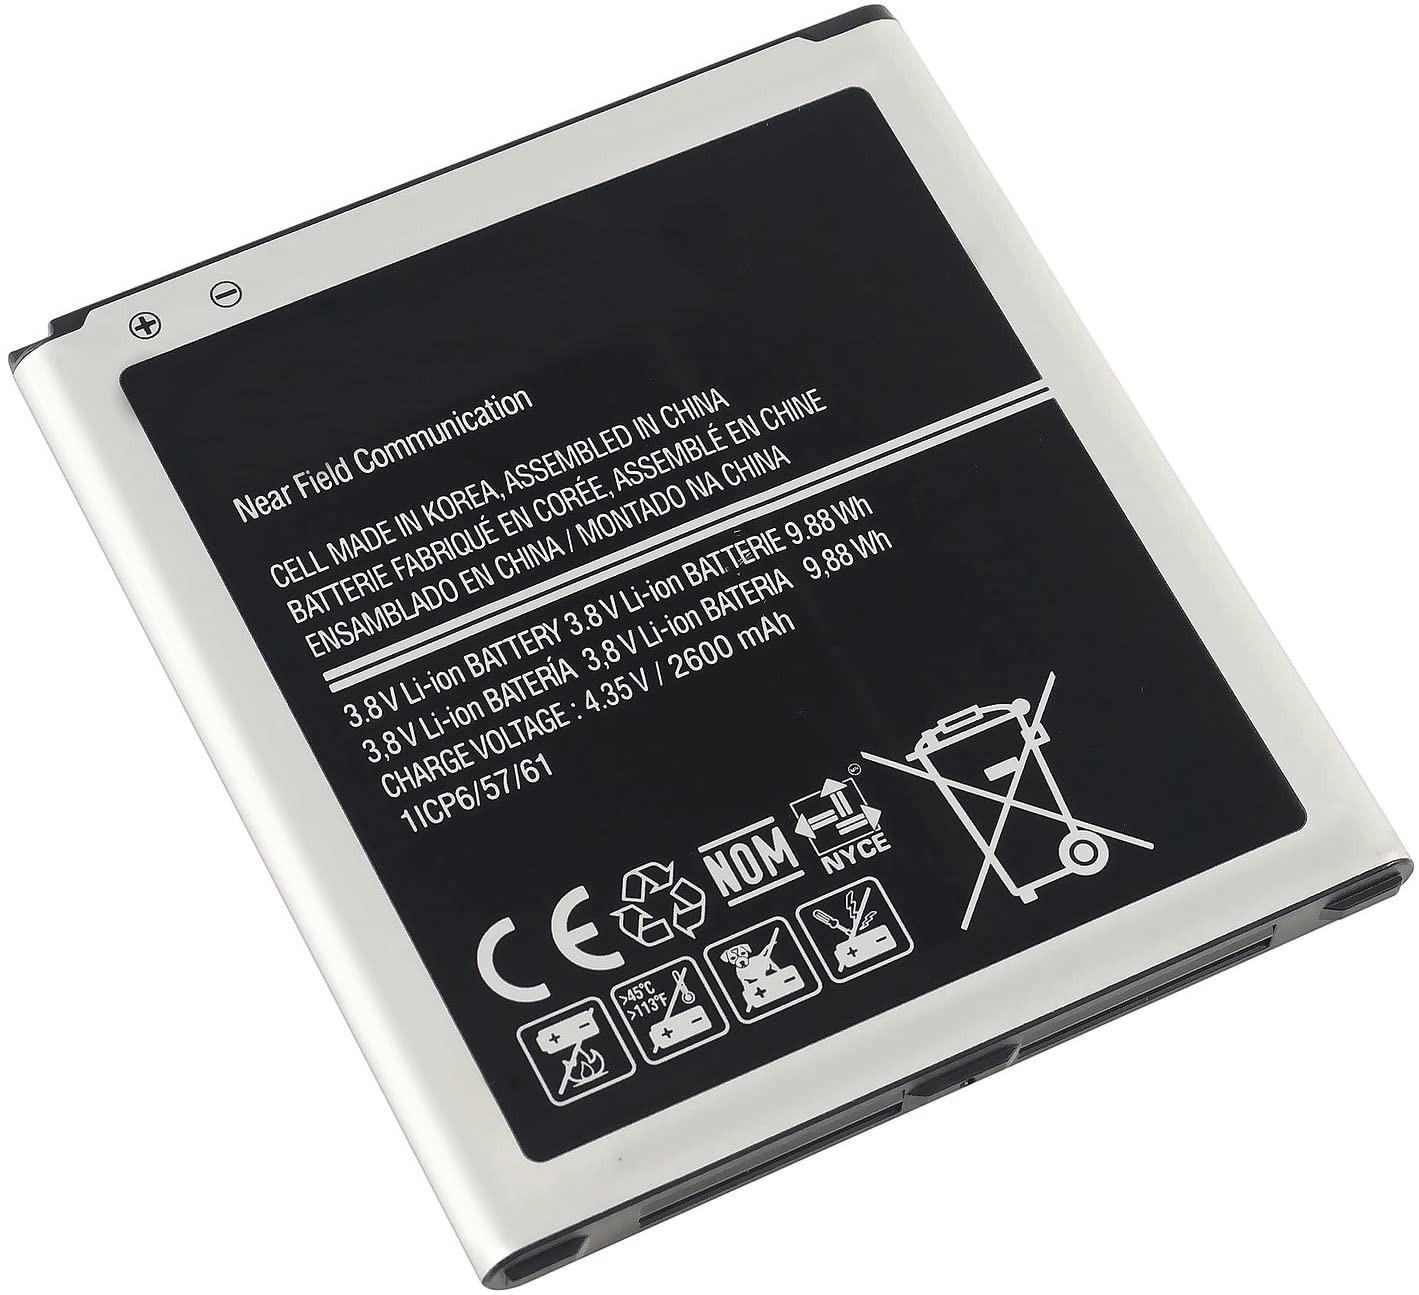 Akumuliatorius Samsung X200 850mAh AB043446BC/X300/X630/C120/C130/M620/C140/C300/C3300K/C3520/E1080/B300/E1081/C5212/E1170/E250/E900/D520/X500/X510/X520/X530/B130/E1200